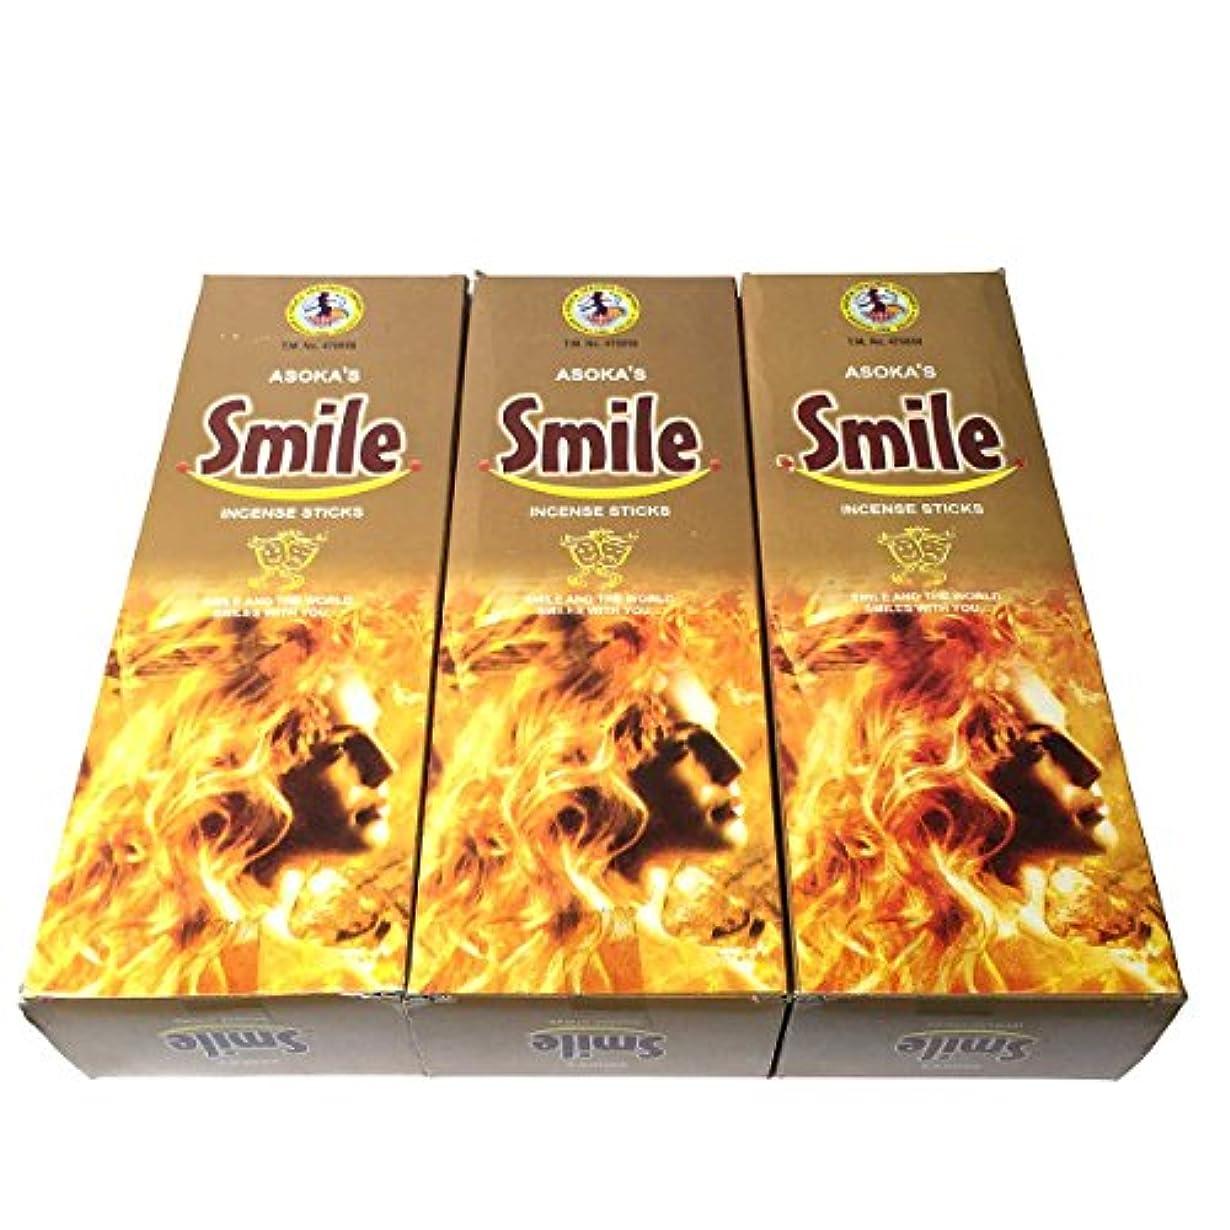 活性化する計り知れない経験スマイル香スティック 3BOX(18箱) /ASOKA TRADING SMILE/インセンス/インド香 お香 [並行輸入品]